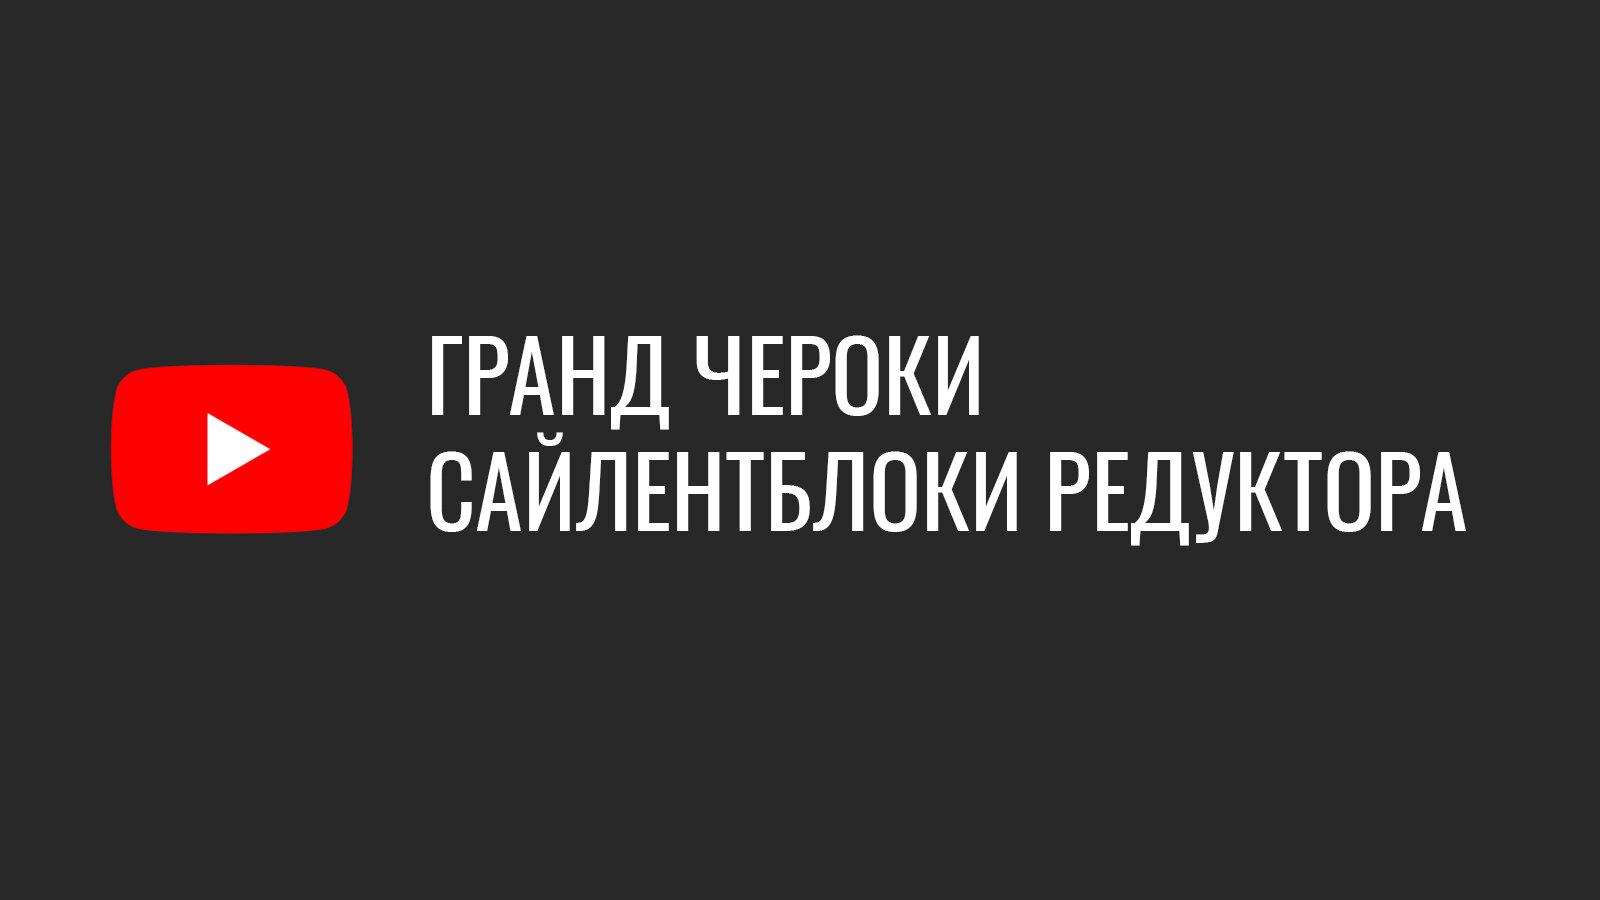 Сайлентблоки редуктора Гранд Чероки